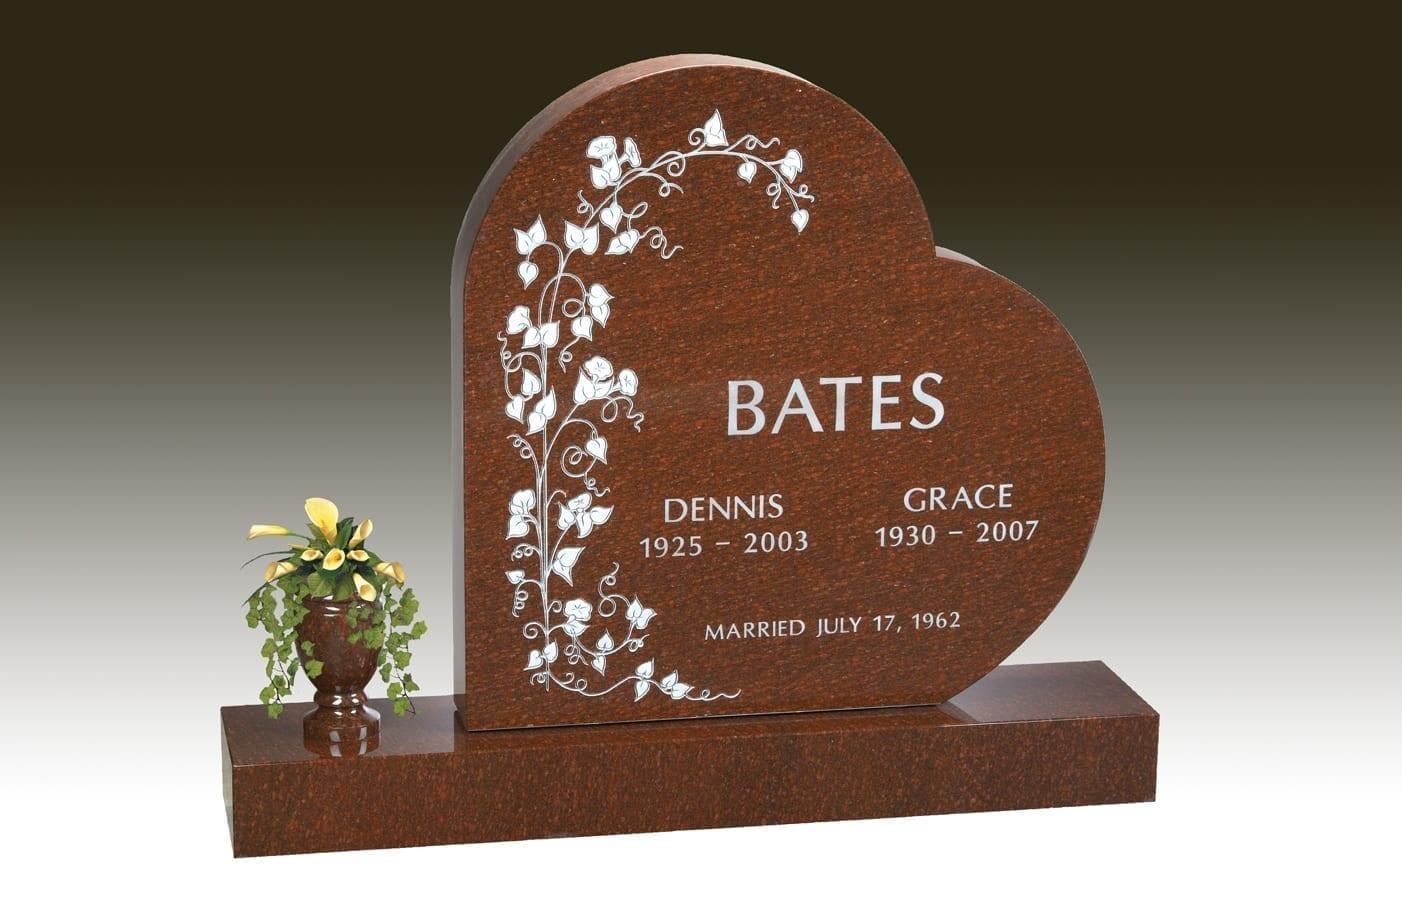 Bates Heart Upright Headstone